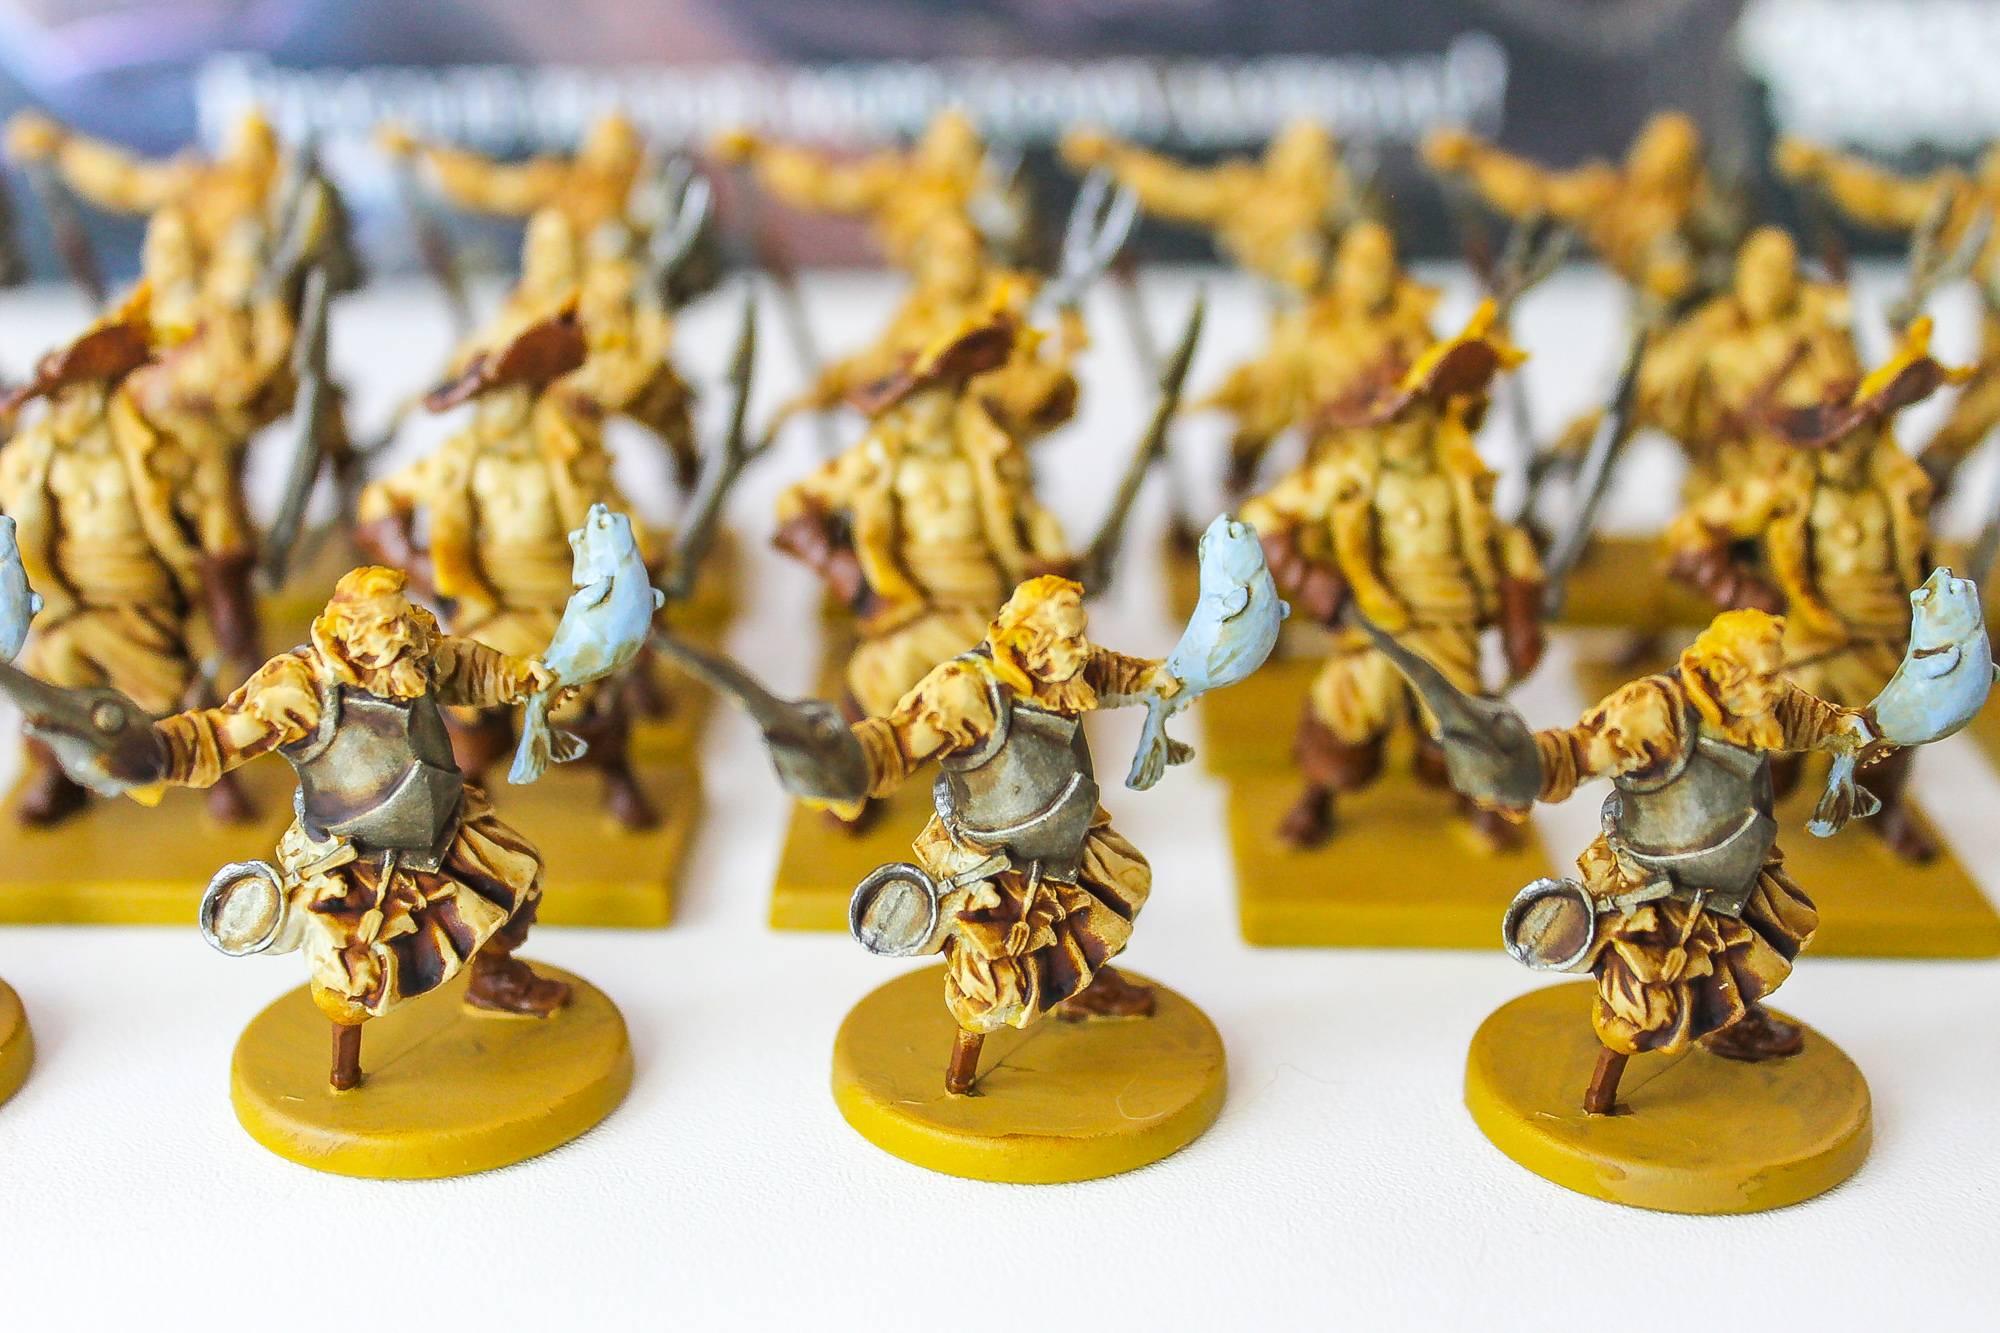 Фото: только поглядите на эти миниатюры пиратов из новой настолки! 1